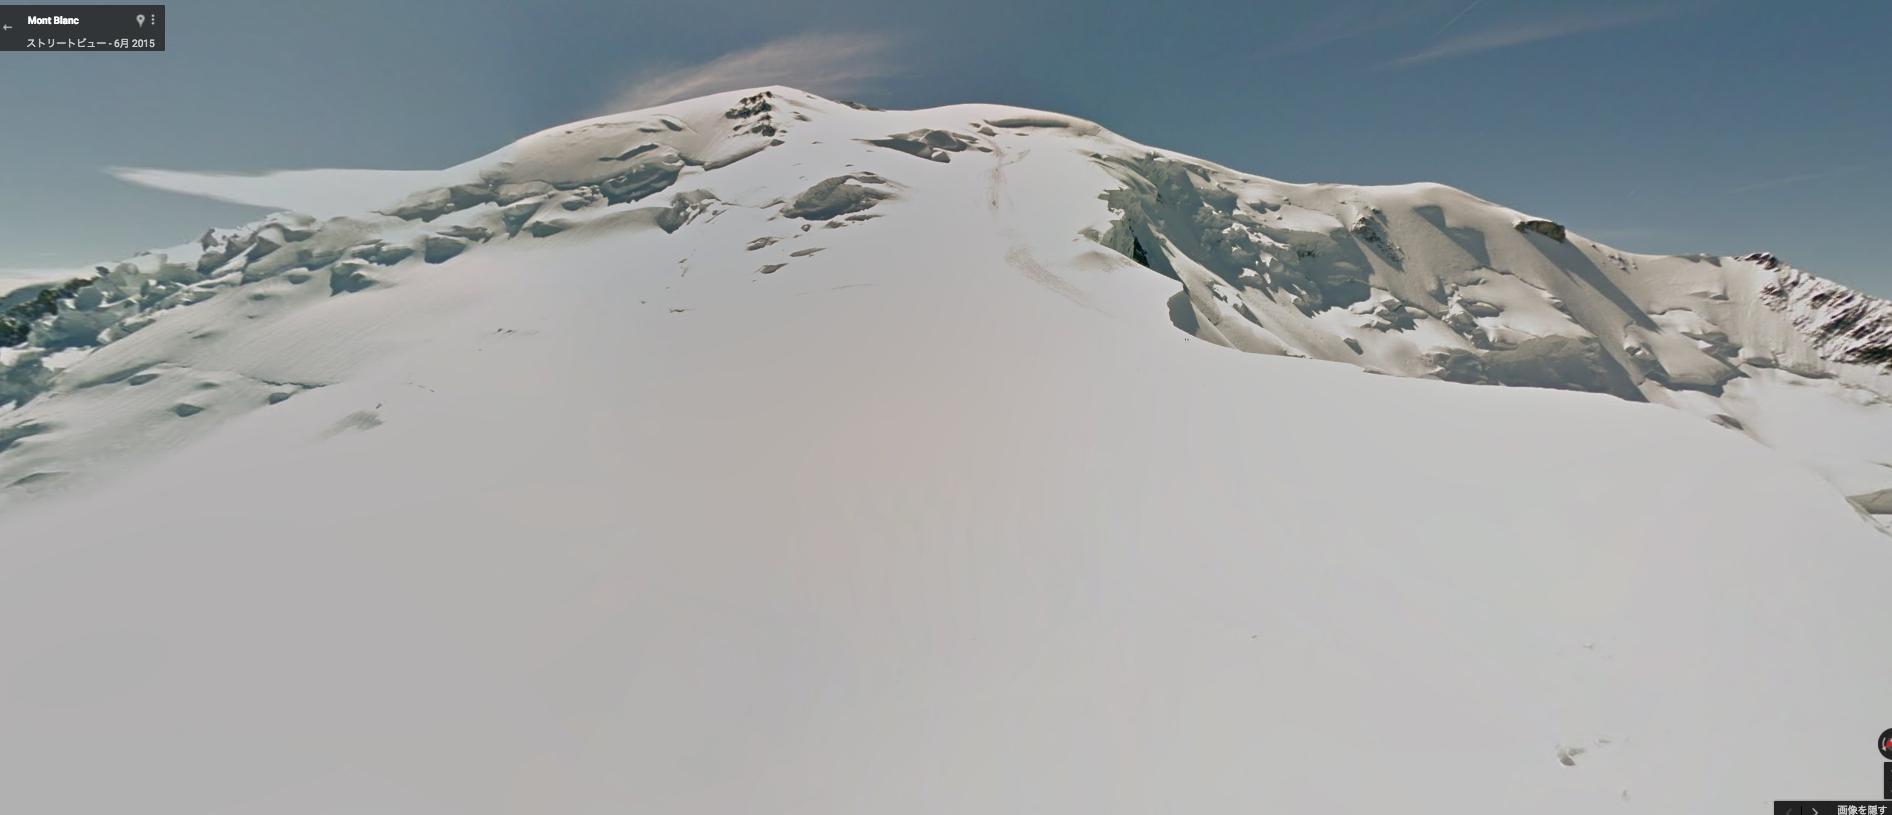 モンブラン登頂を疑似体験可能!